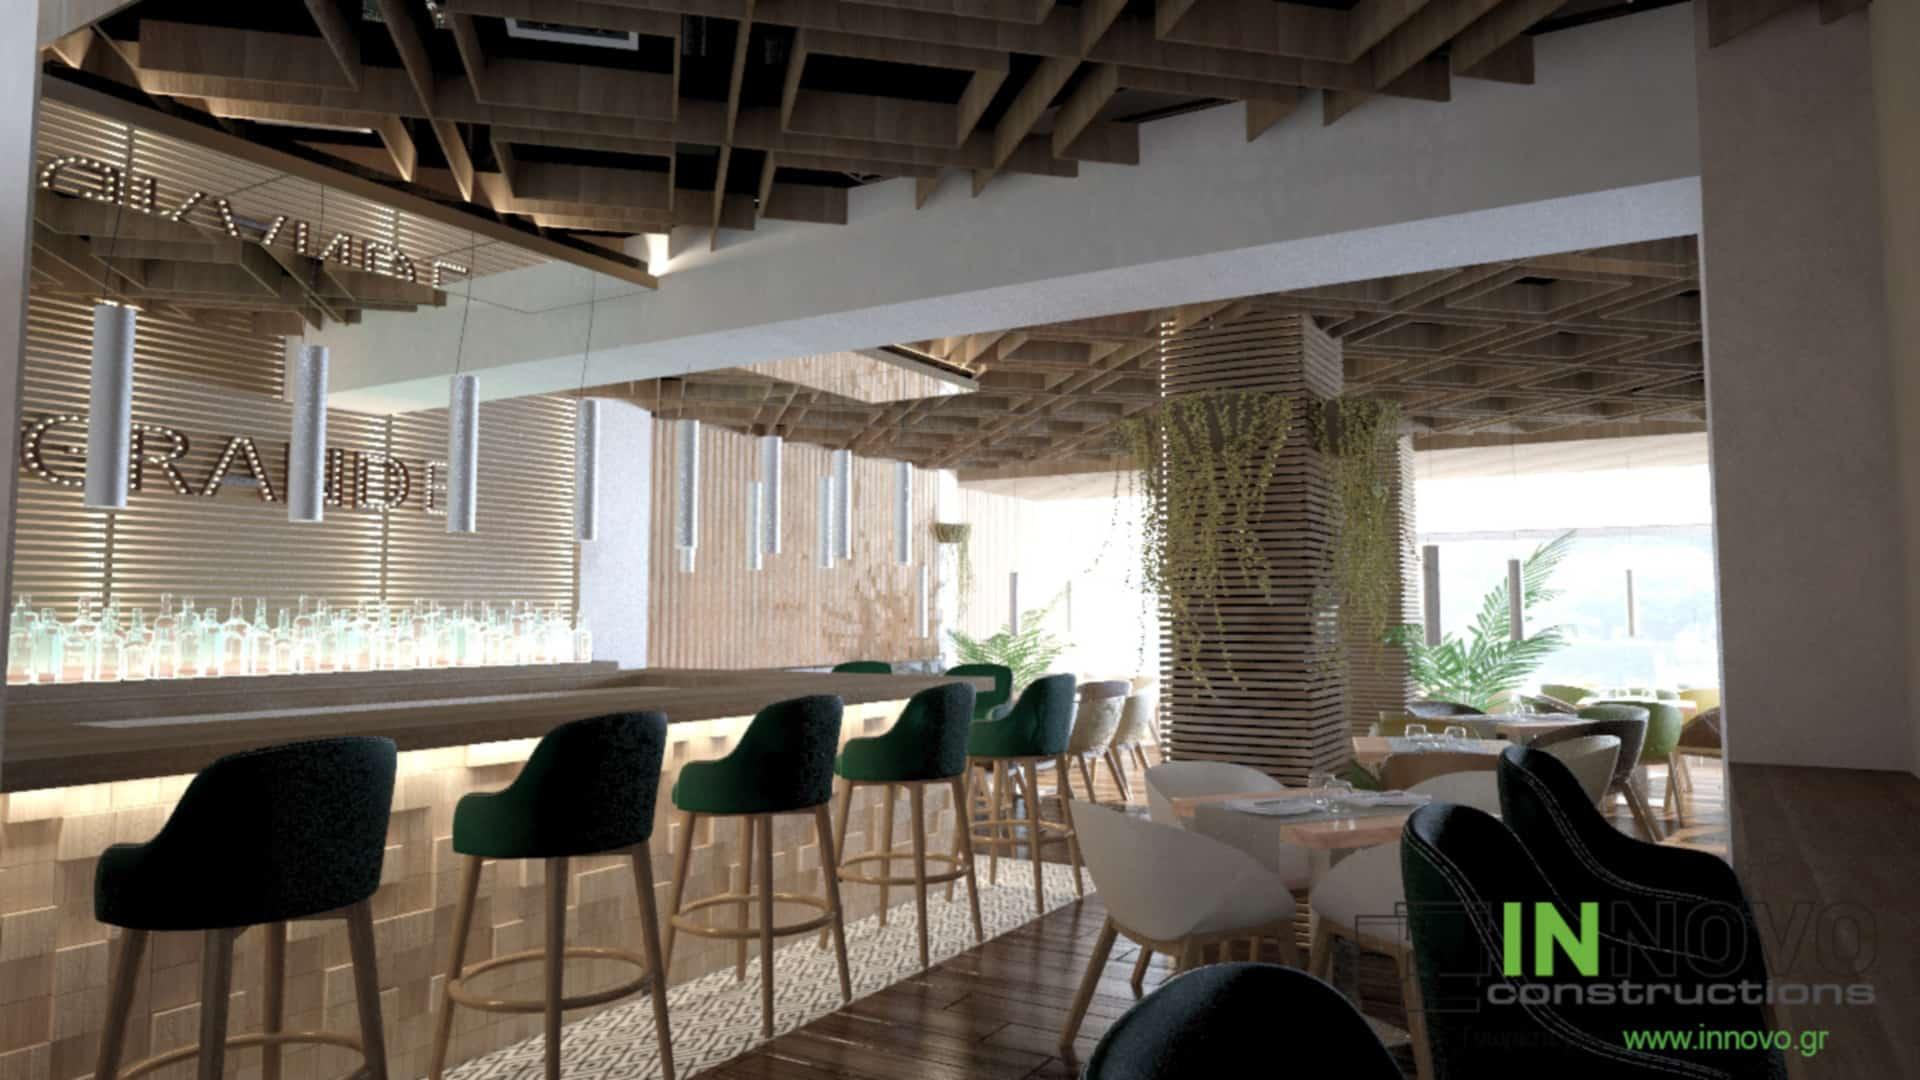 Μελέτη διακόσμησης εστιατορίου στον Κορυδαλλό